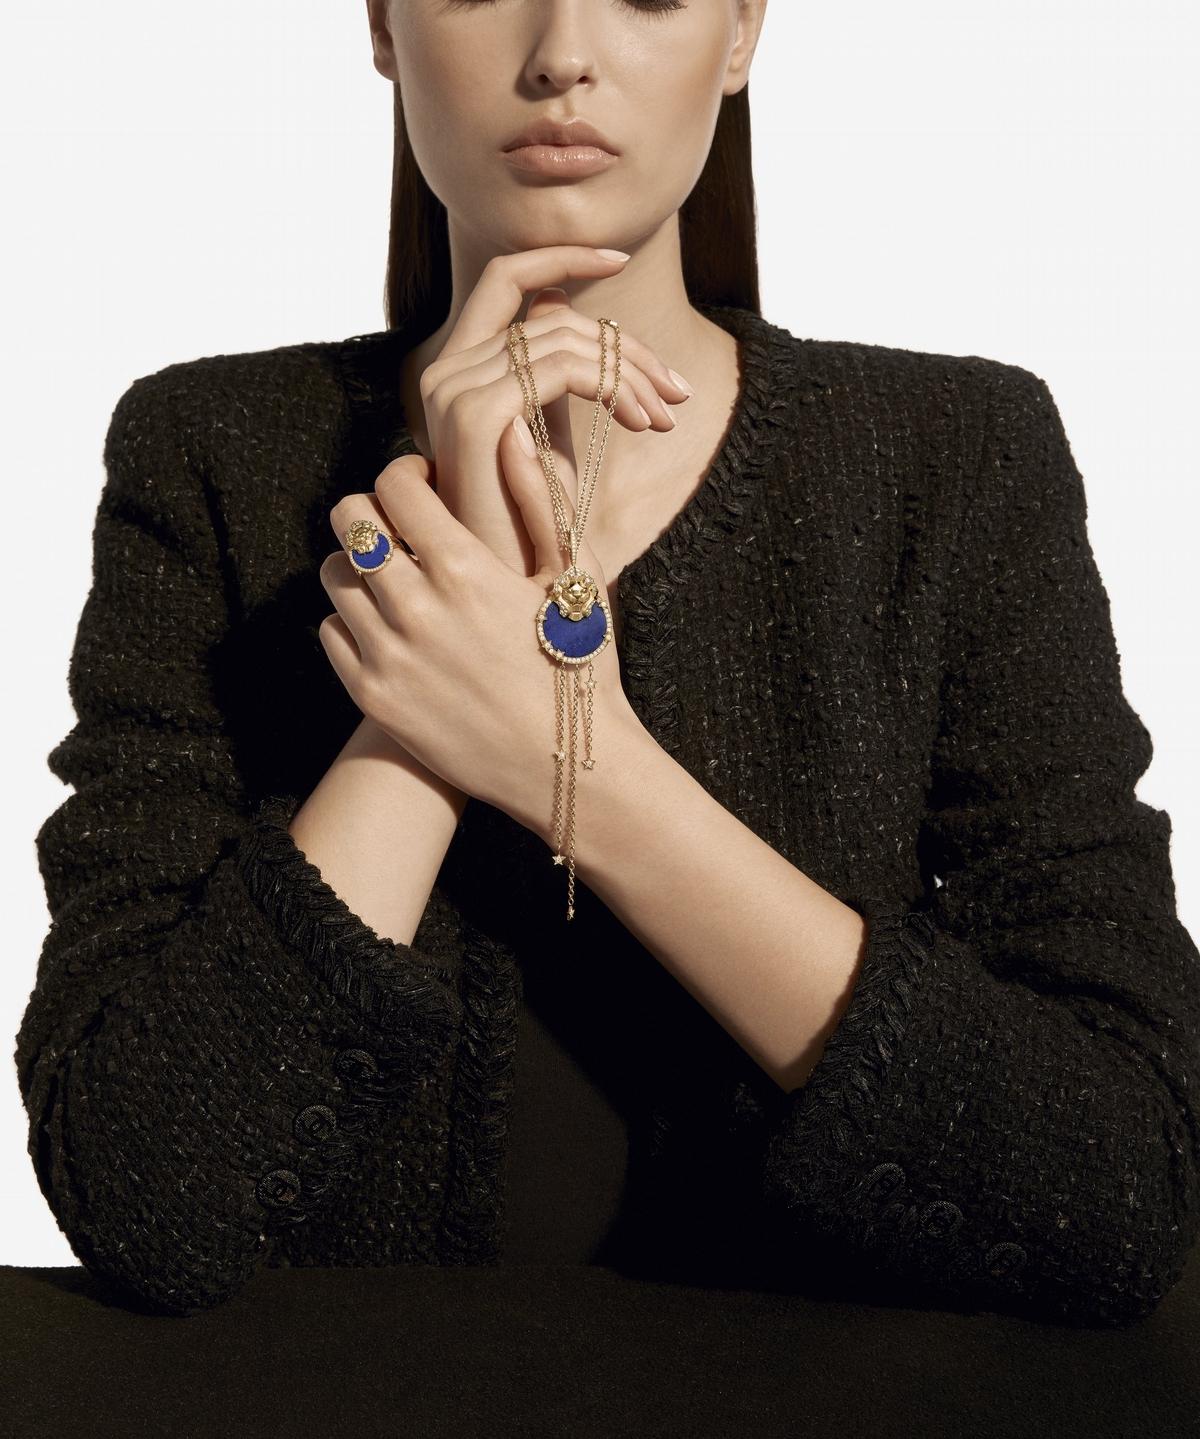 香奈兒與威尼斯之獅 Chanel Sous le Signe du Lion